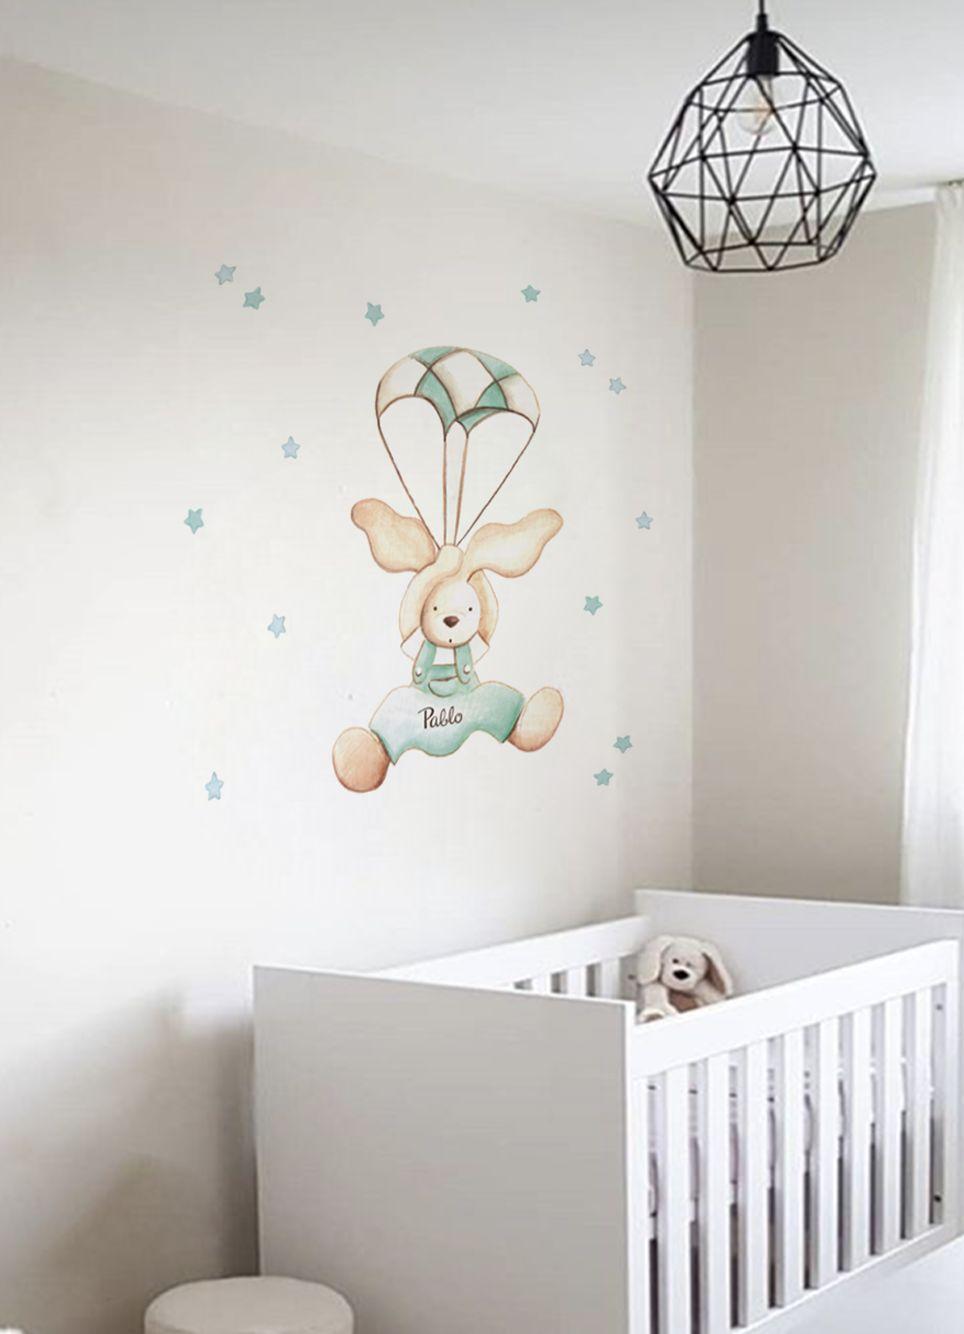 VINILO INFANTIL: Conejo con paracaídas